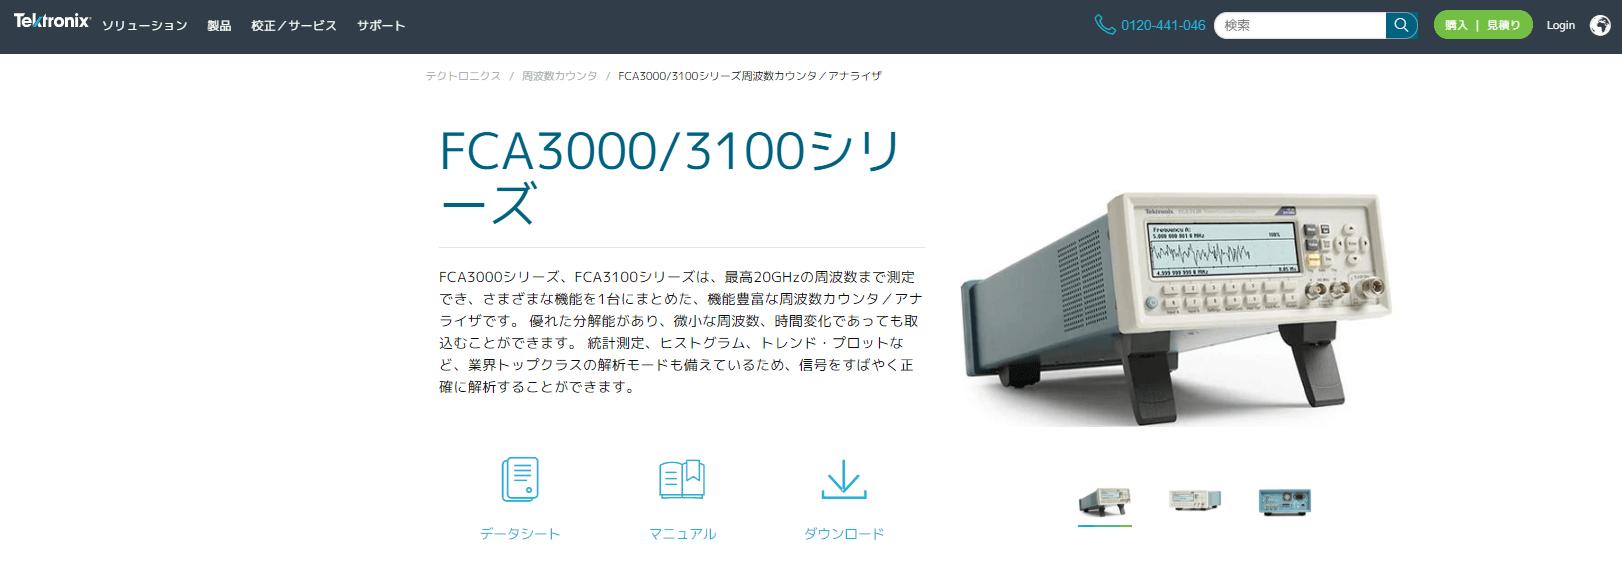 FCA3000/3100シリーズ